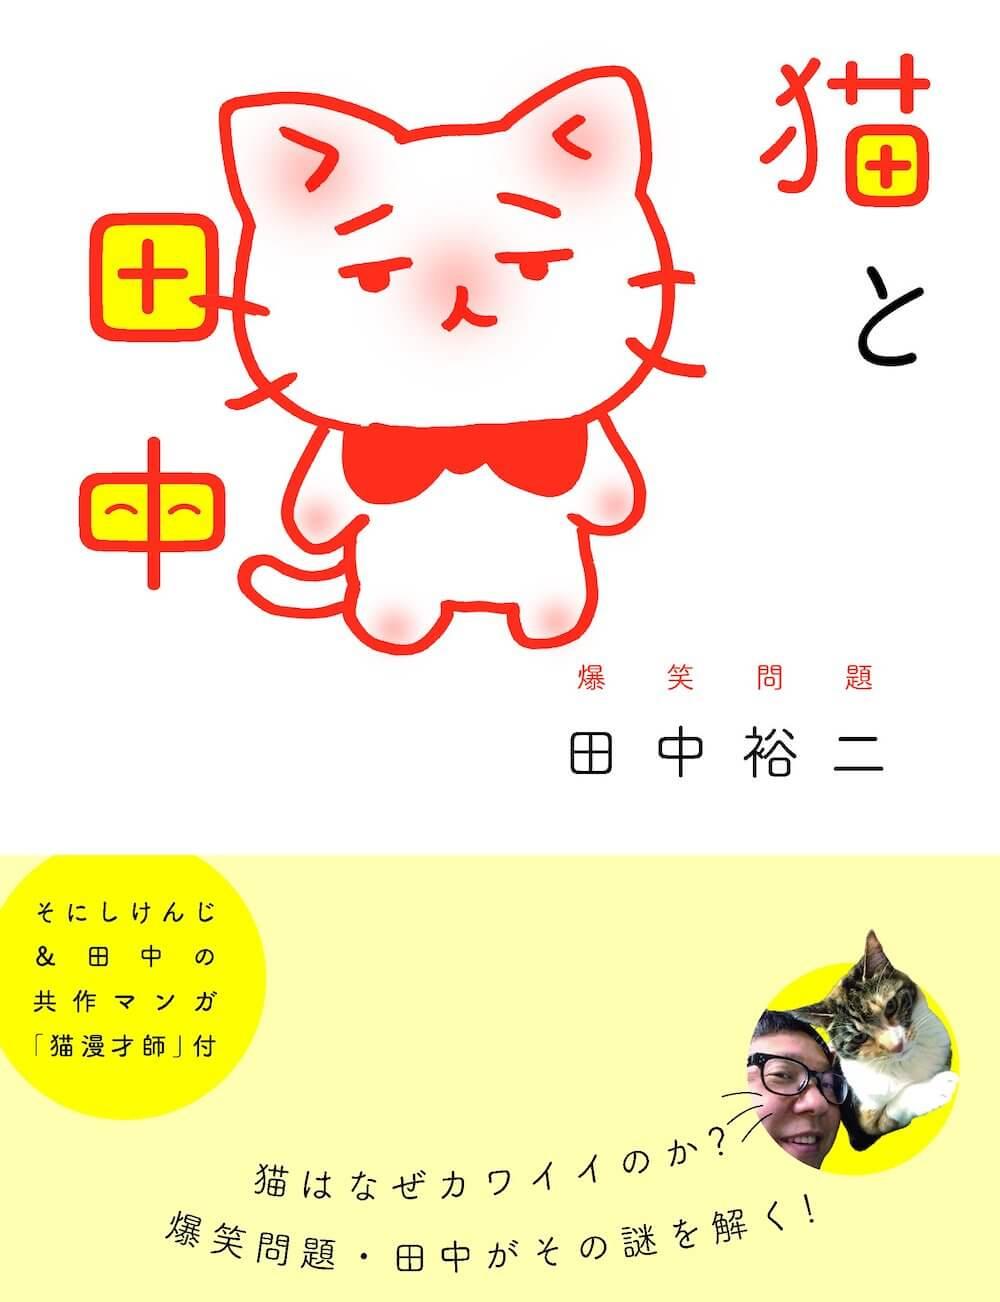 爆笑問題・田中裕二さんの猫愛が詰まった新刊「猫と田中」表紙イメージ